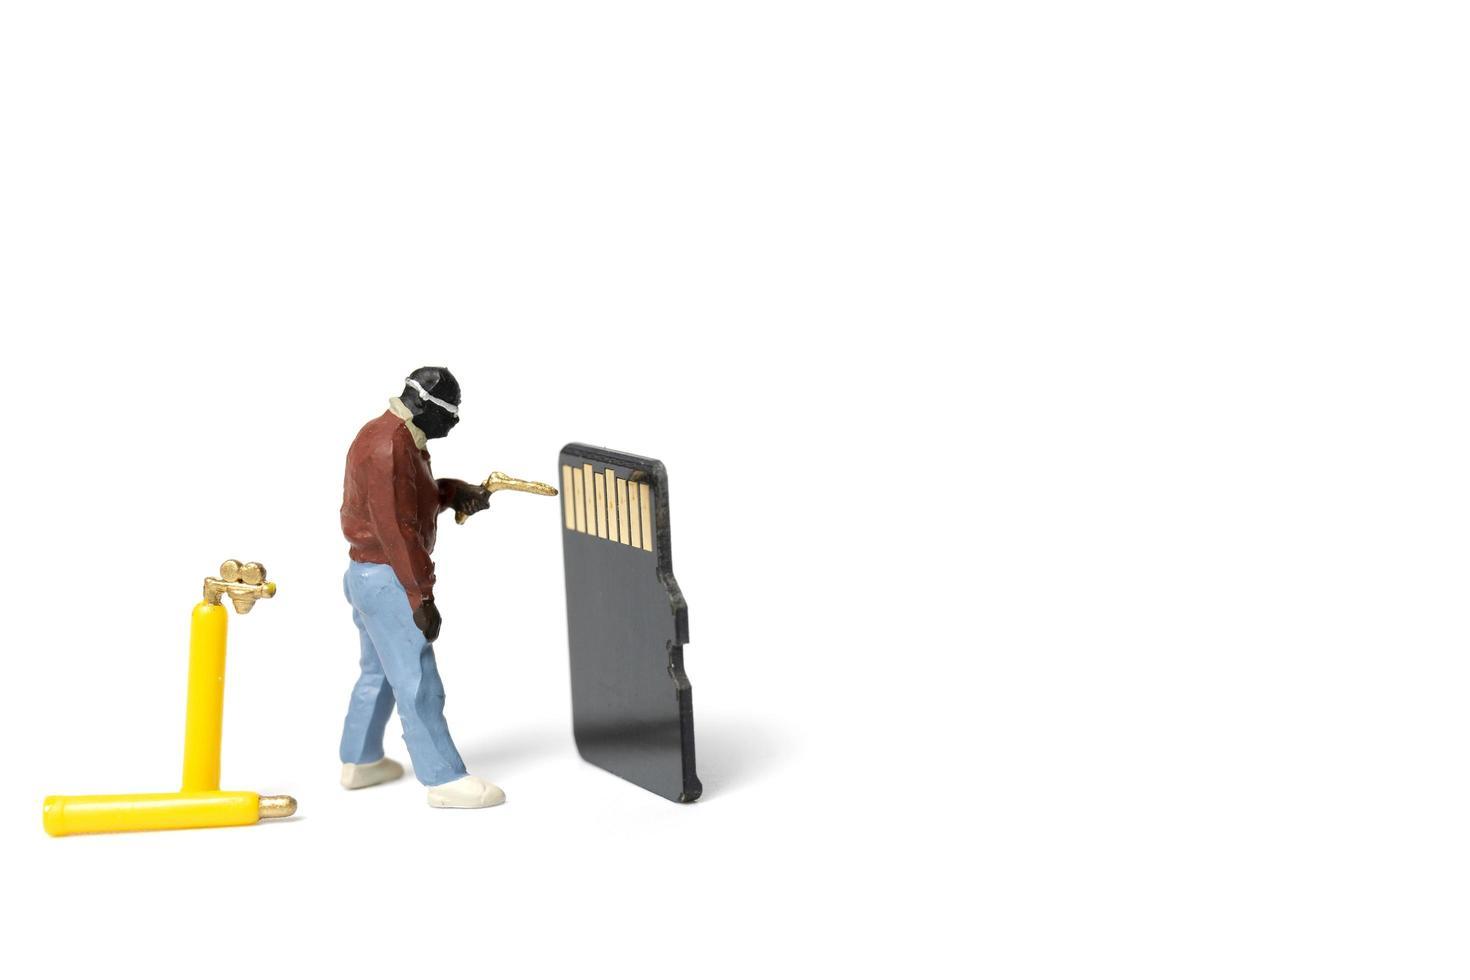 Miniaturtechniker, der Stapel-SD-Karten auf einem weißen Hintergrund fixiert foto